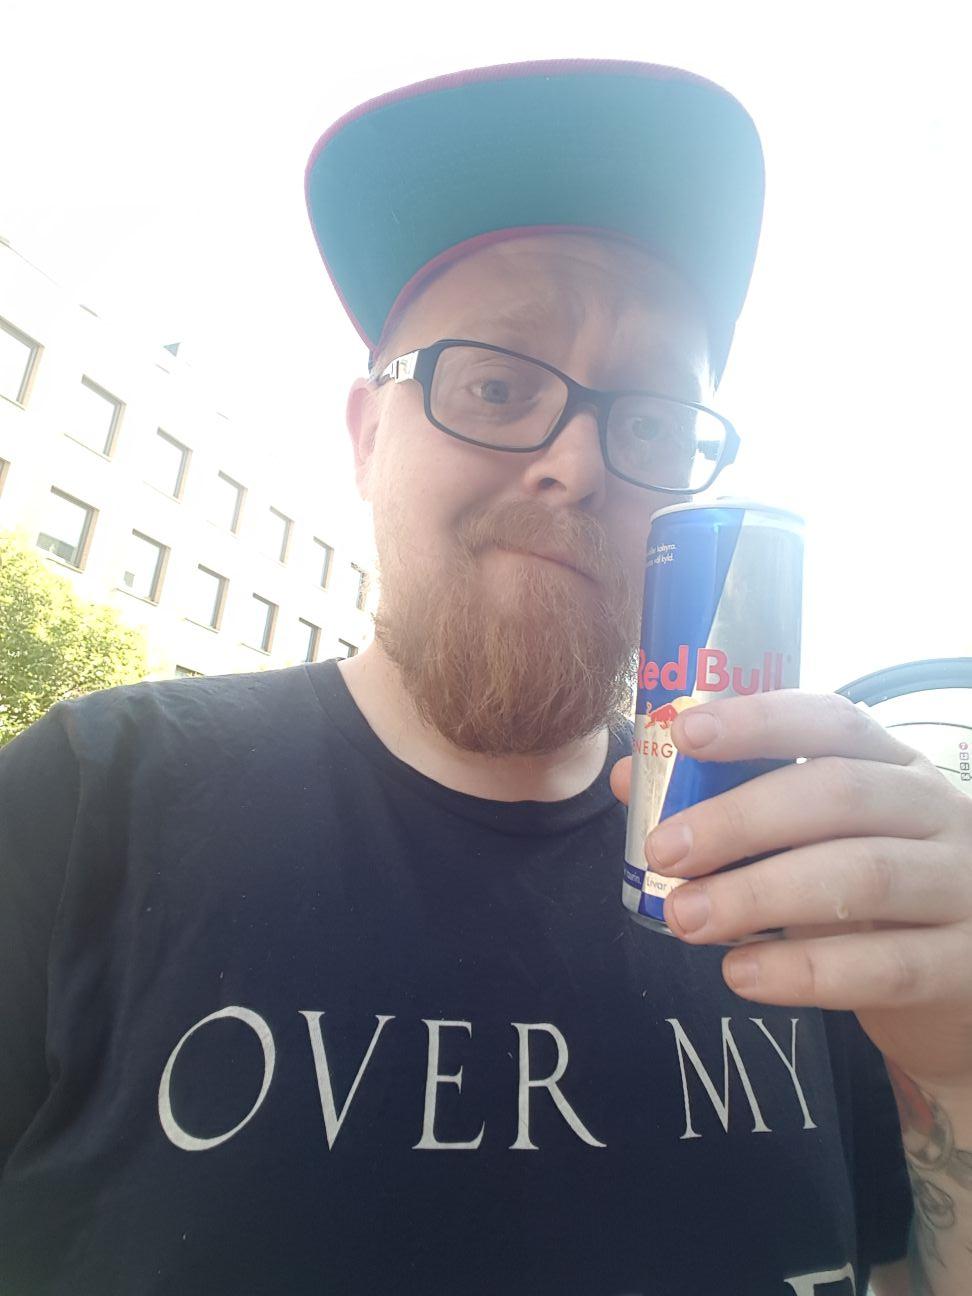 Red Bull & Bulle